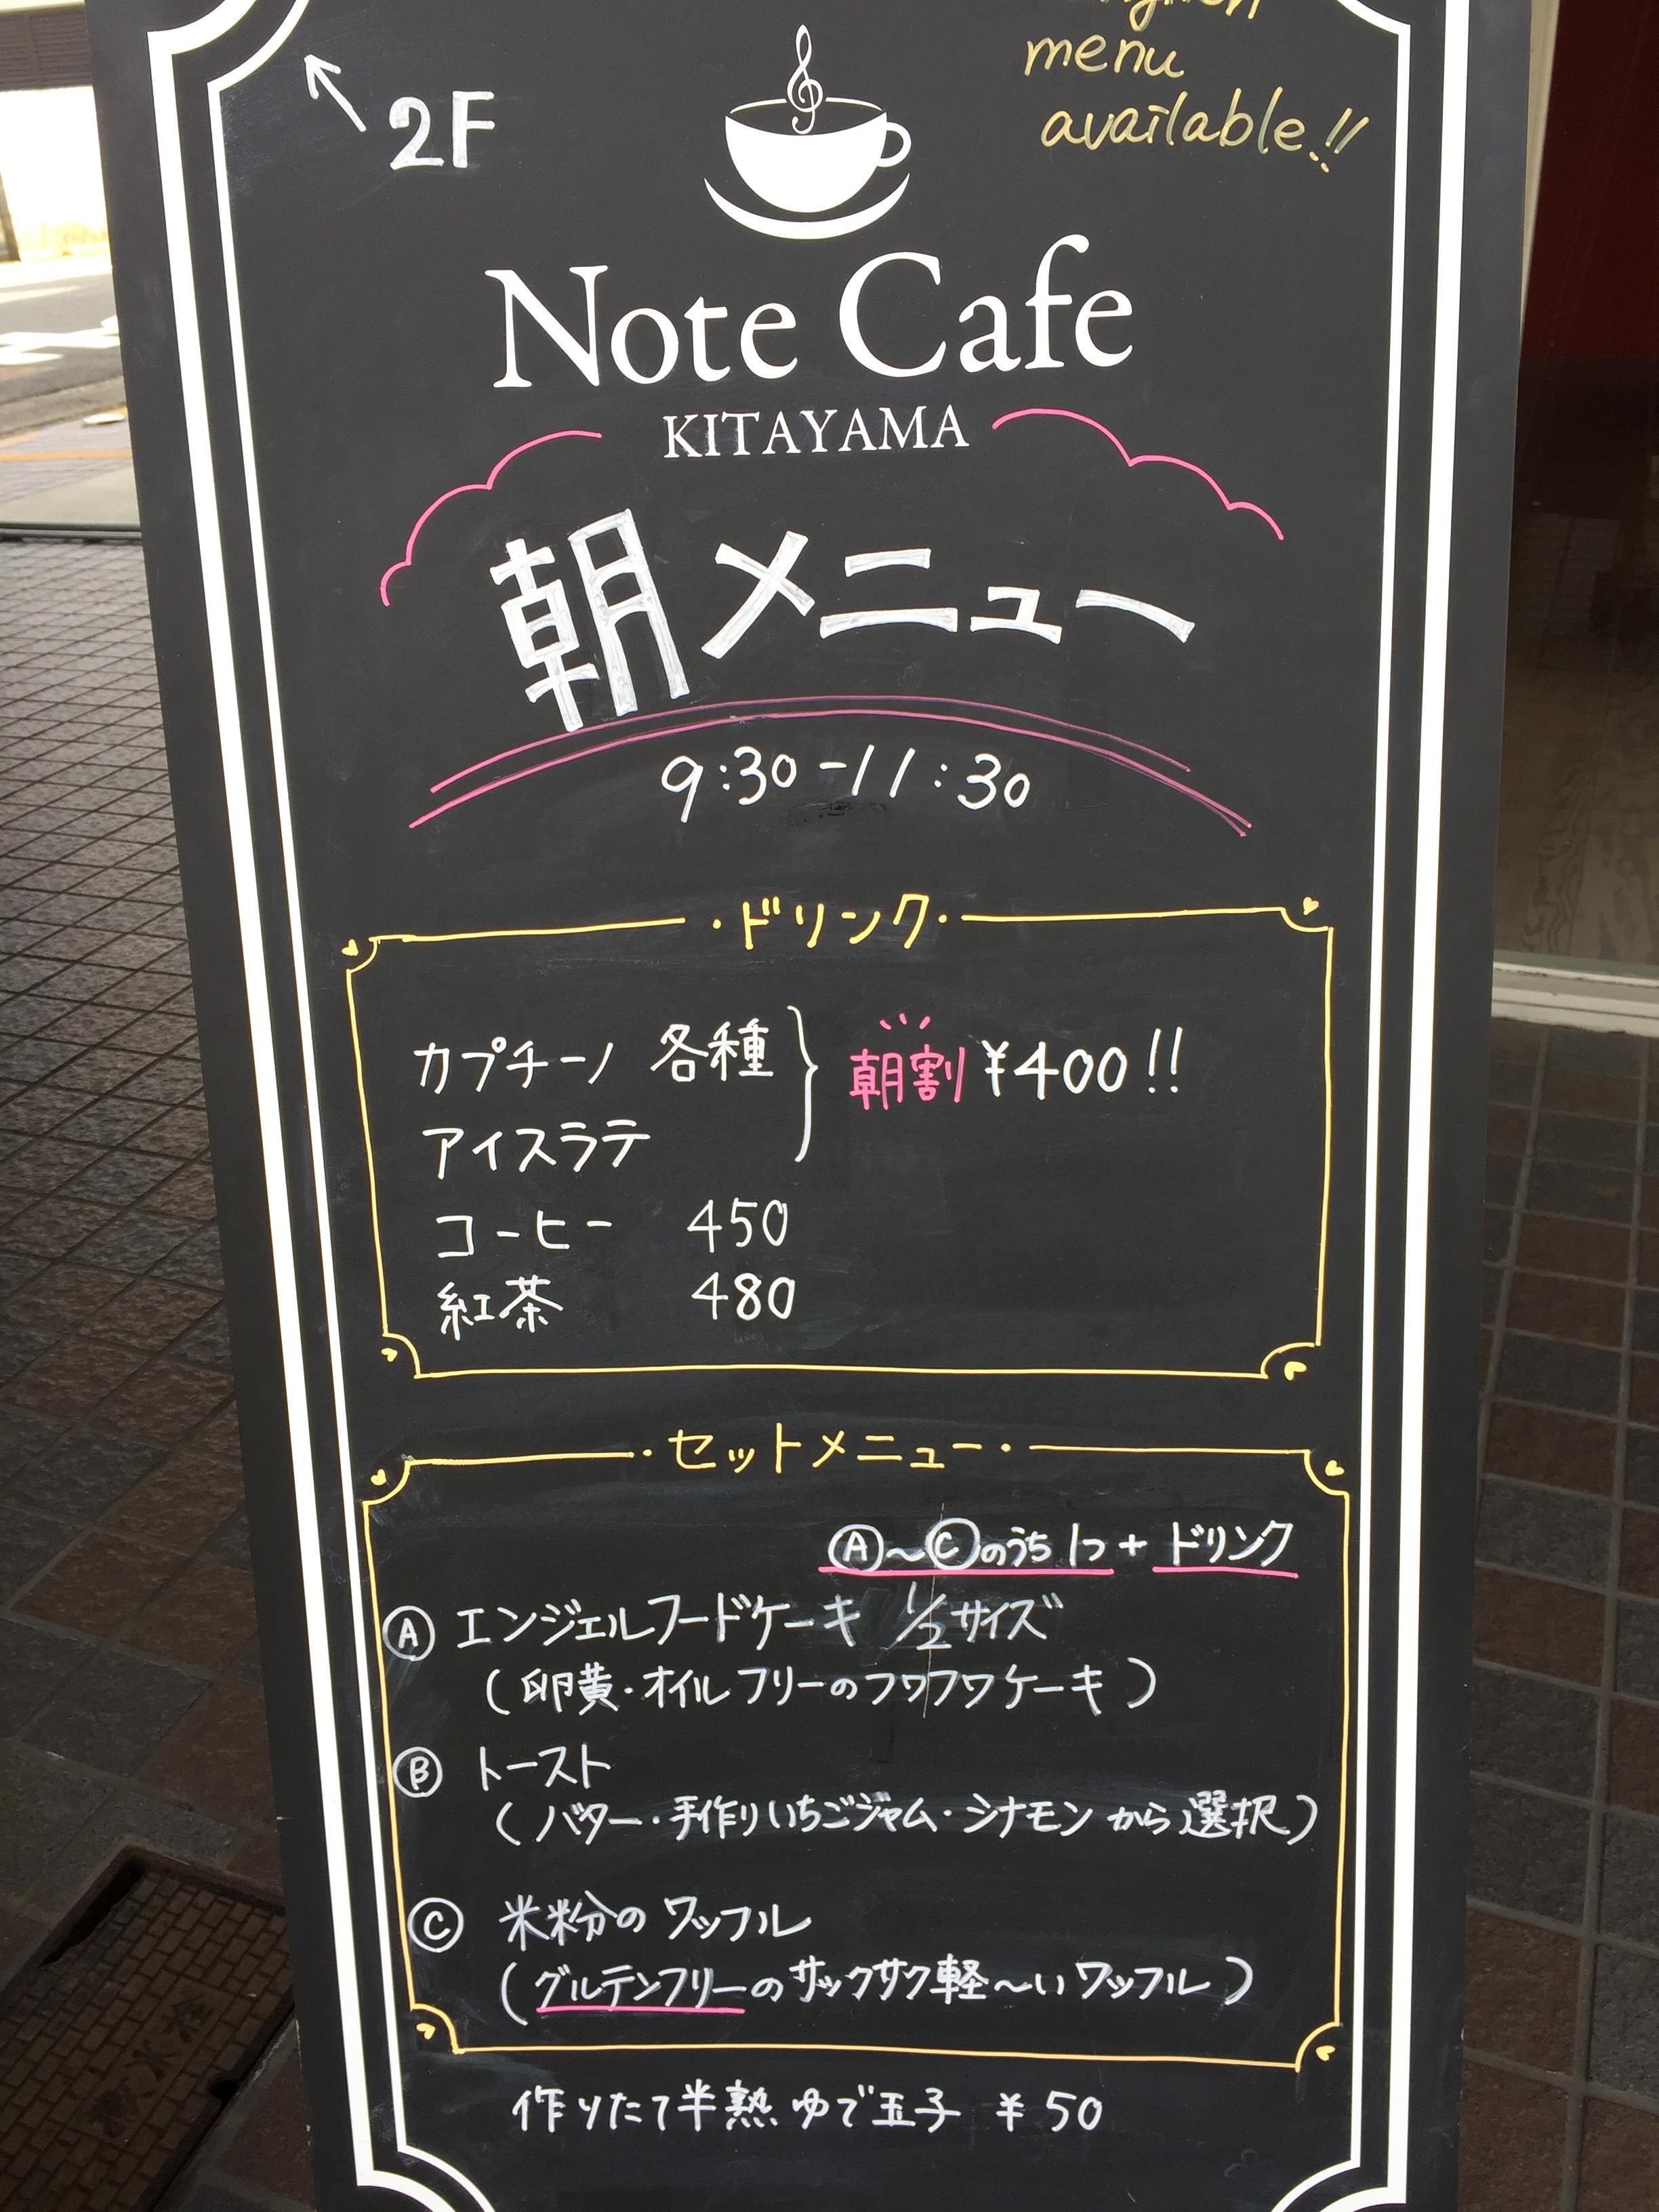 ノートカフェ モーニング